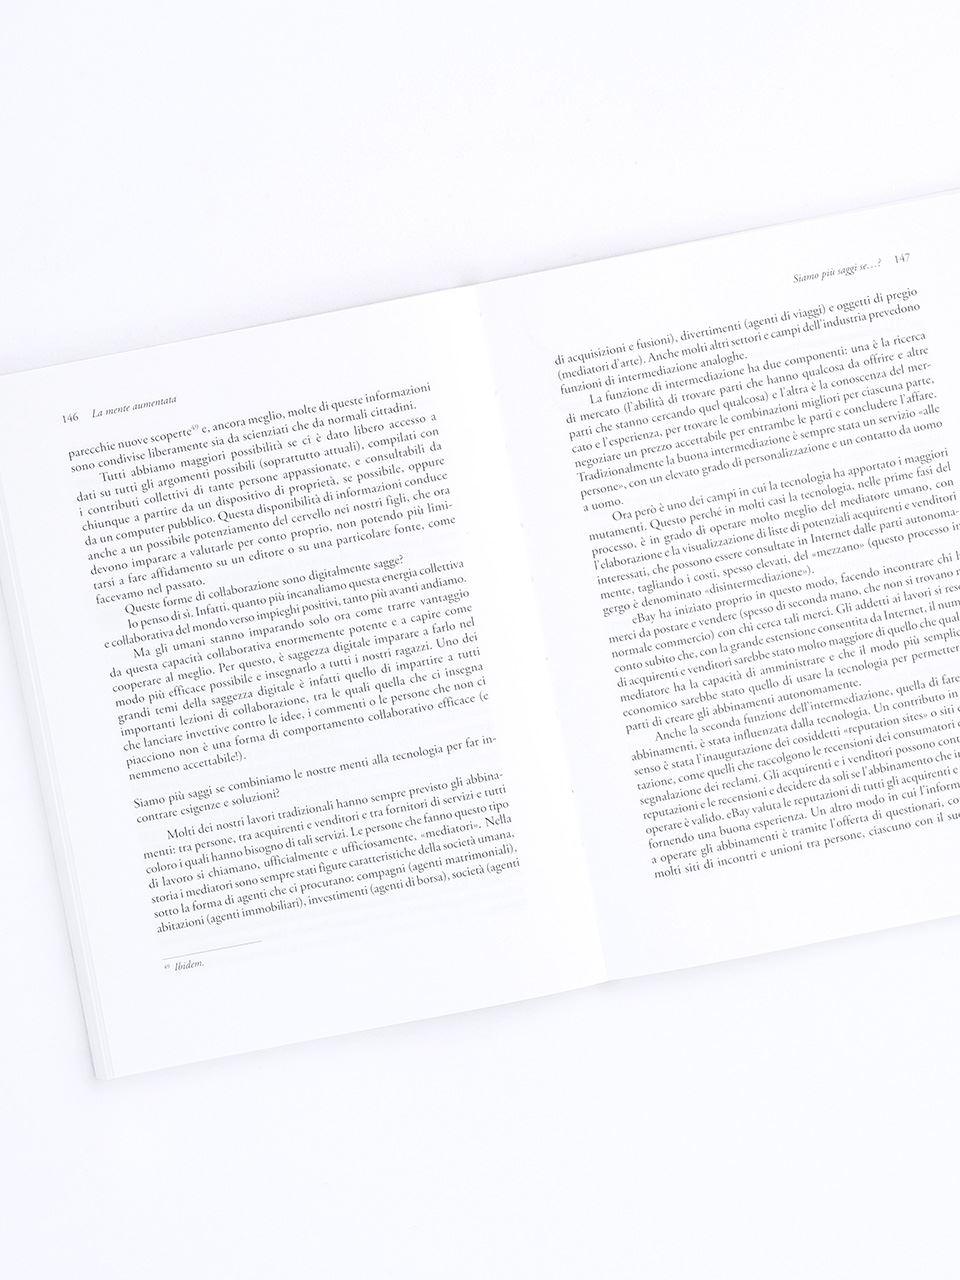 La mente aumentata - Libri - Erickson 2